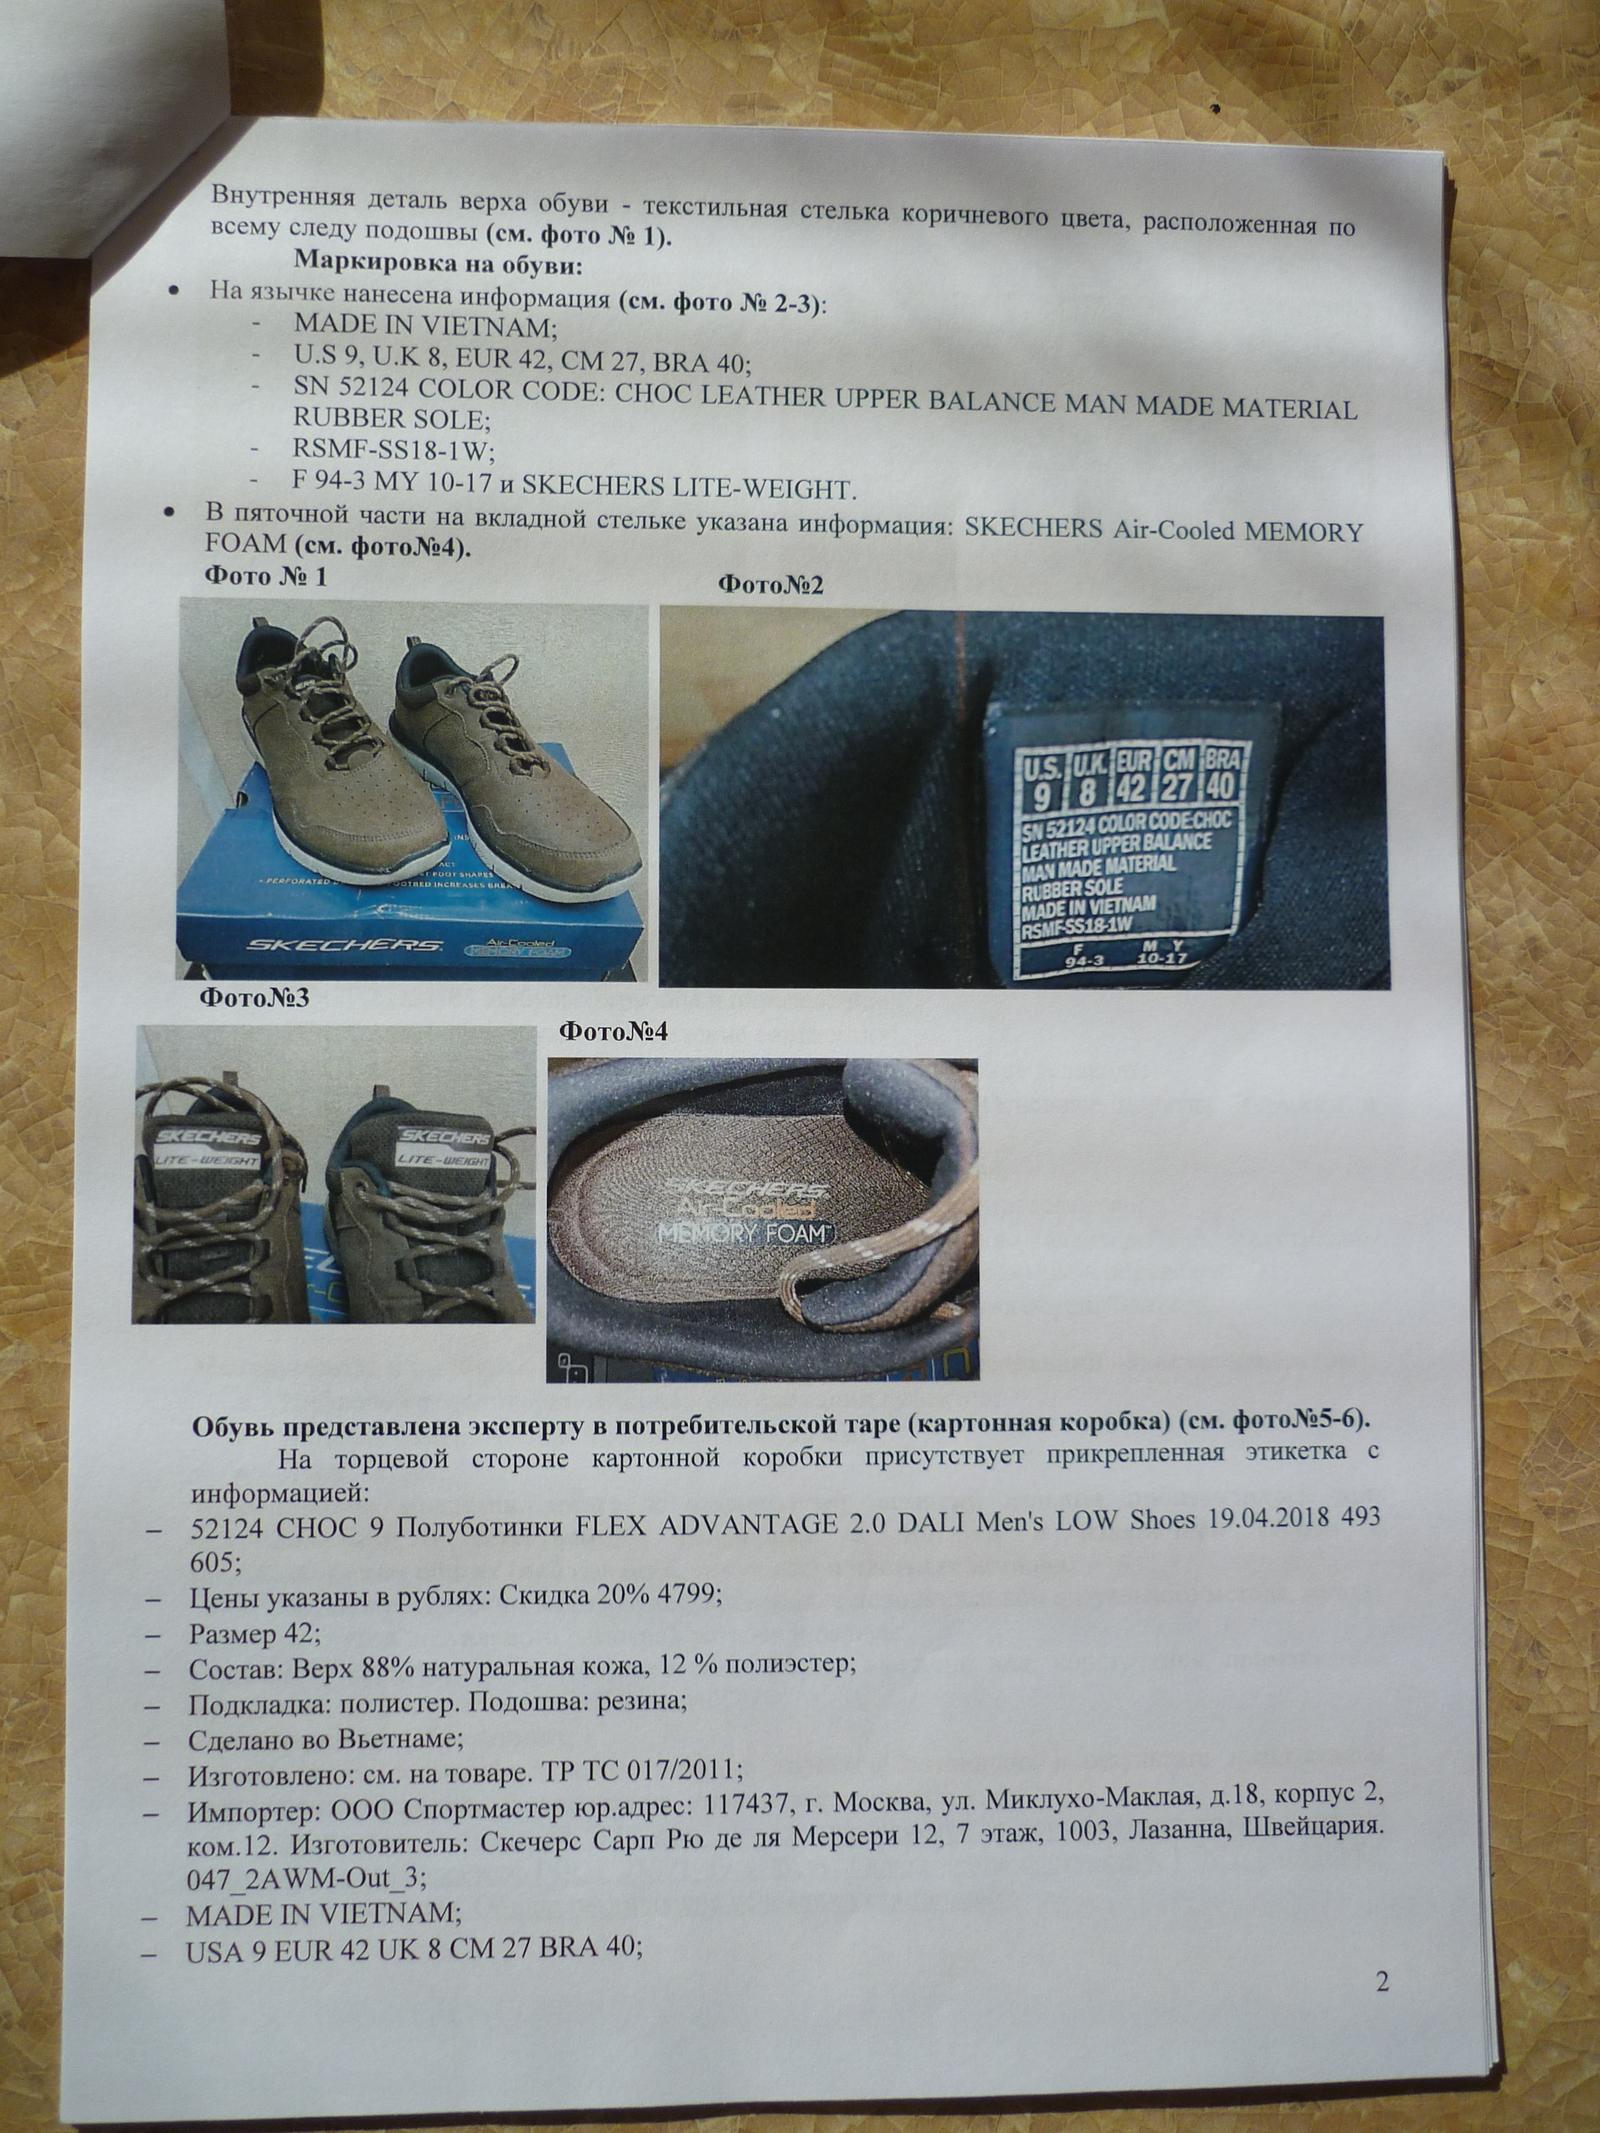 Сезонность обуви гарантия